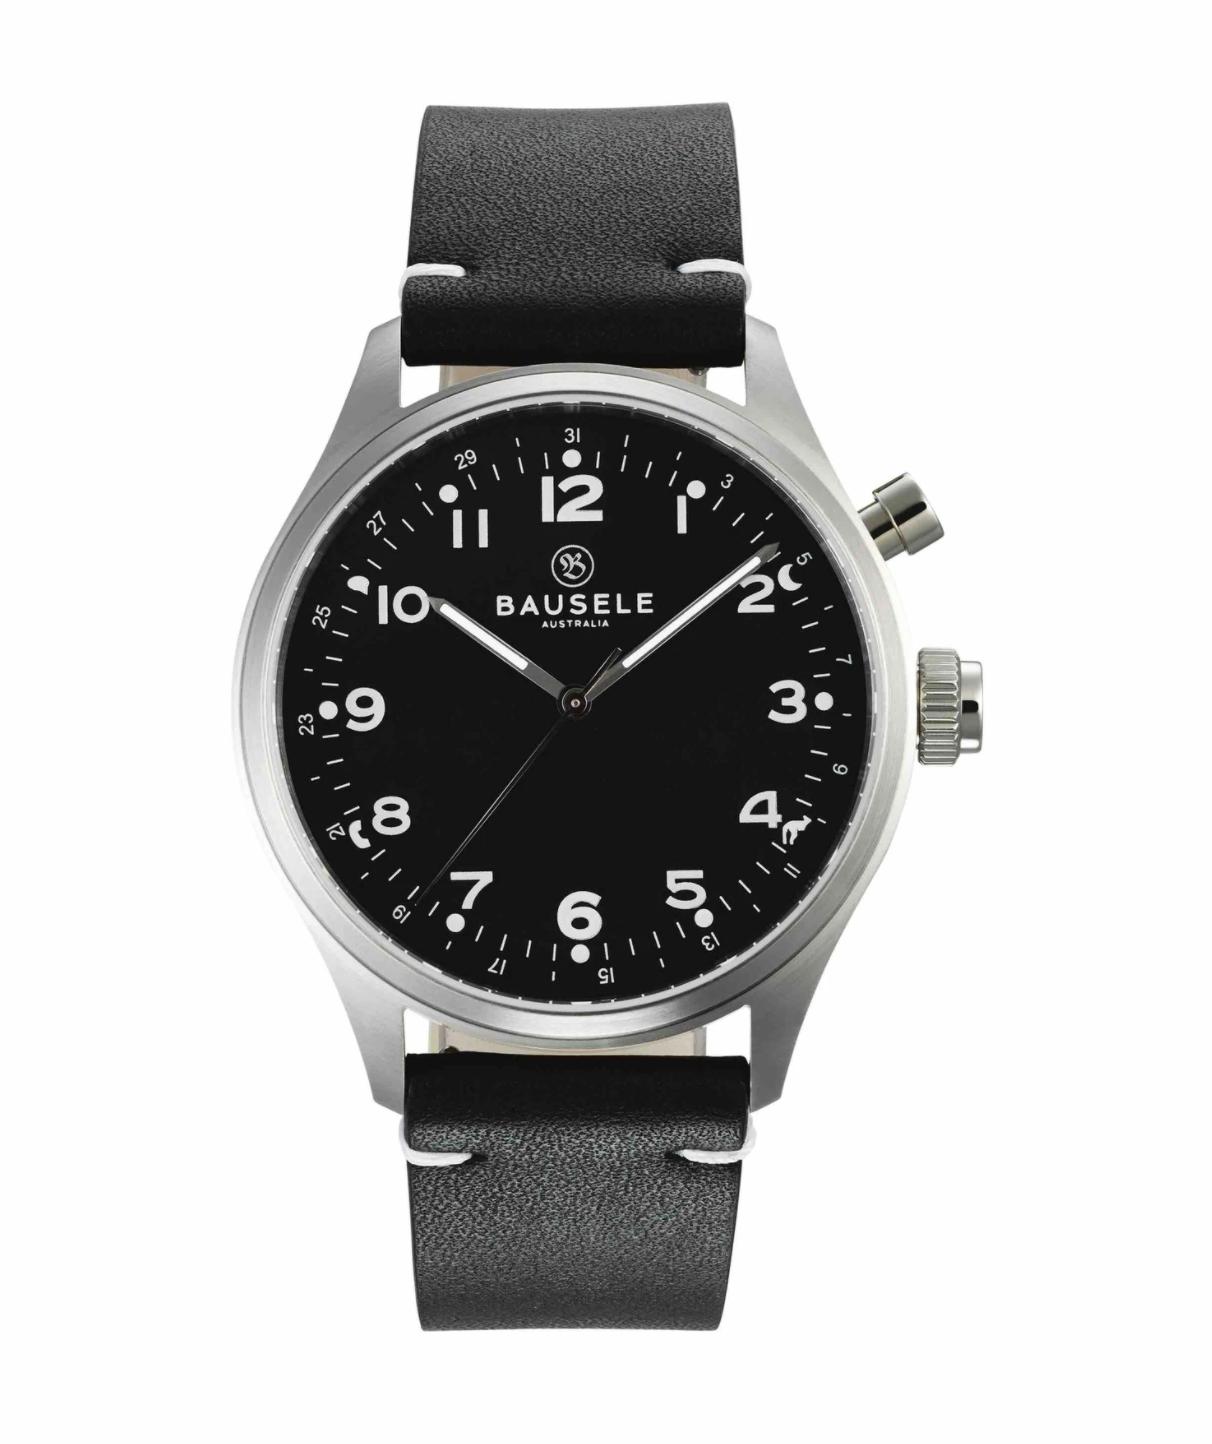 Best smart watches 2020 Hublot Tag Heuer Timex